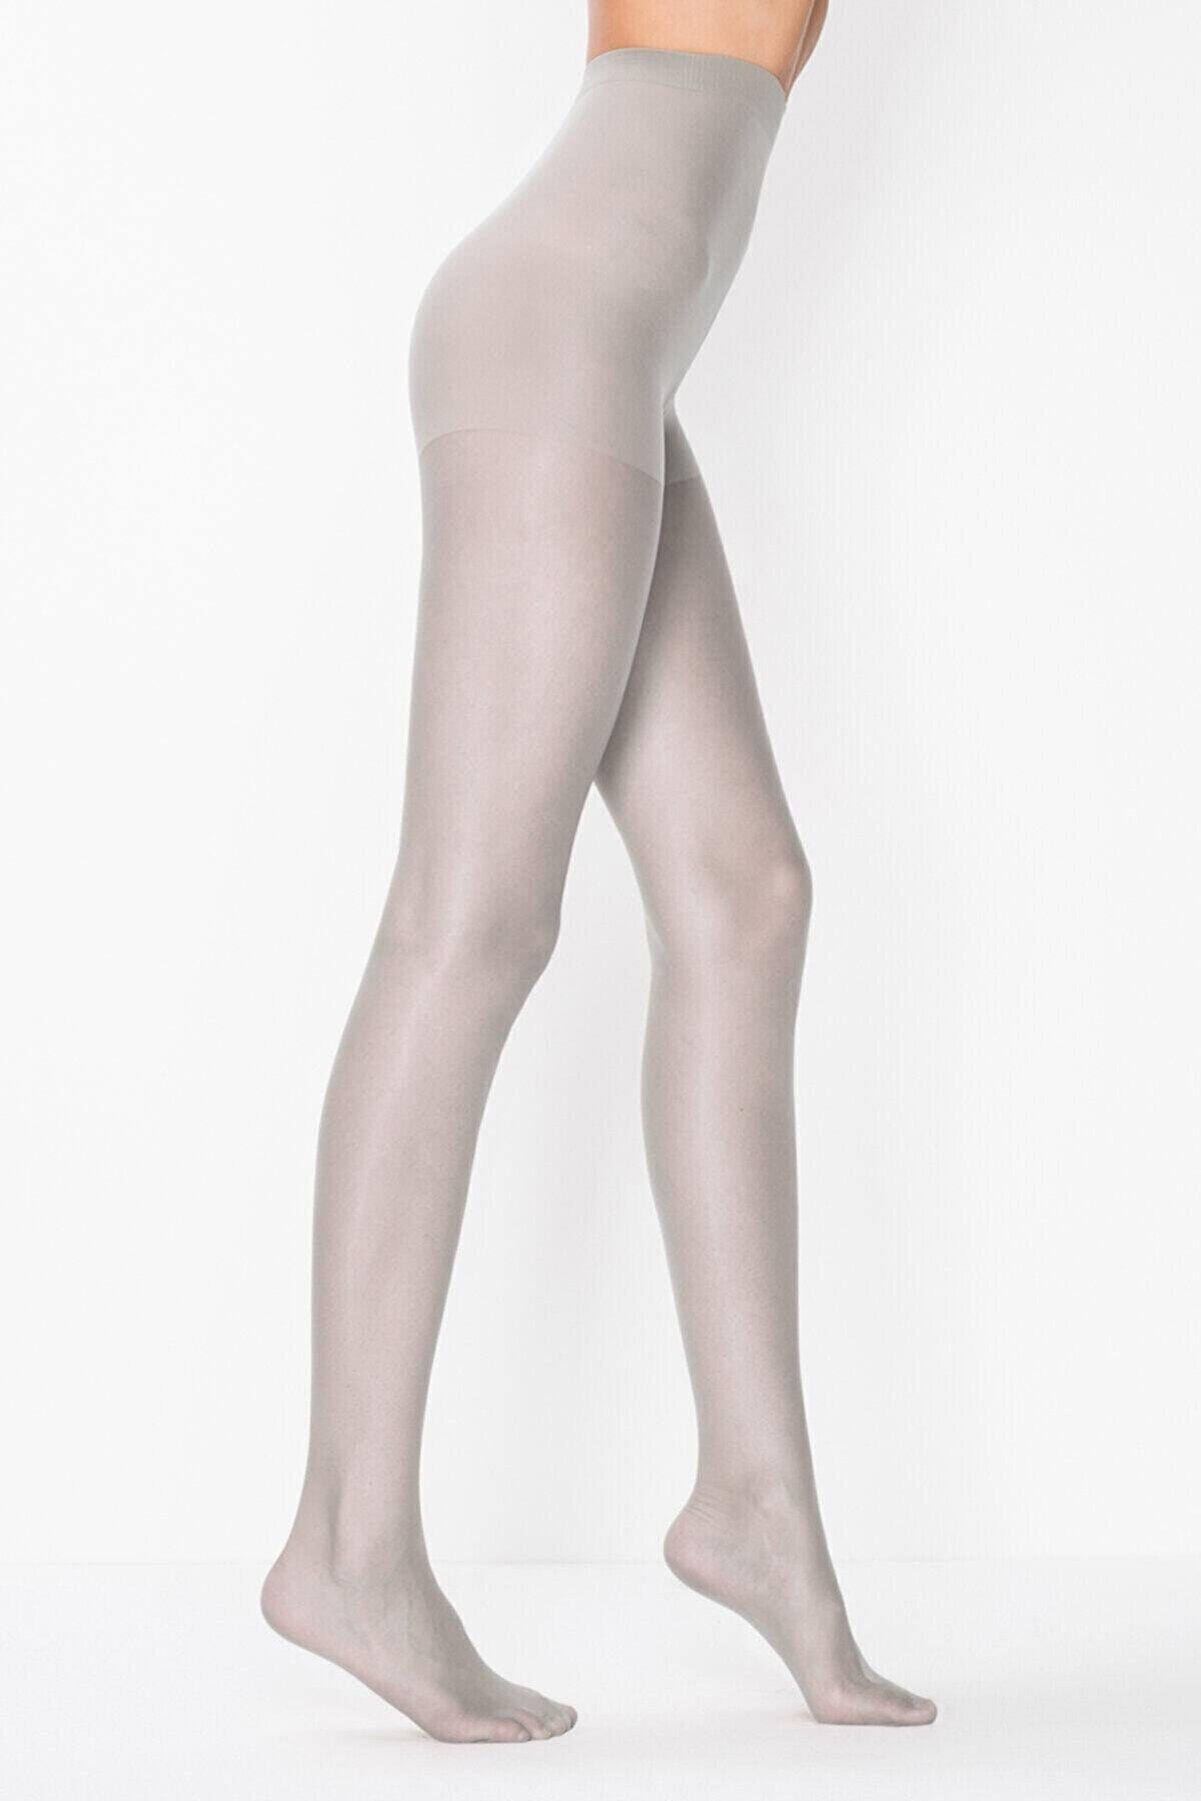 Penti Duman Nefti 20 Den Thy Hostes Çorabı | Hostes Külotlu